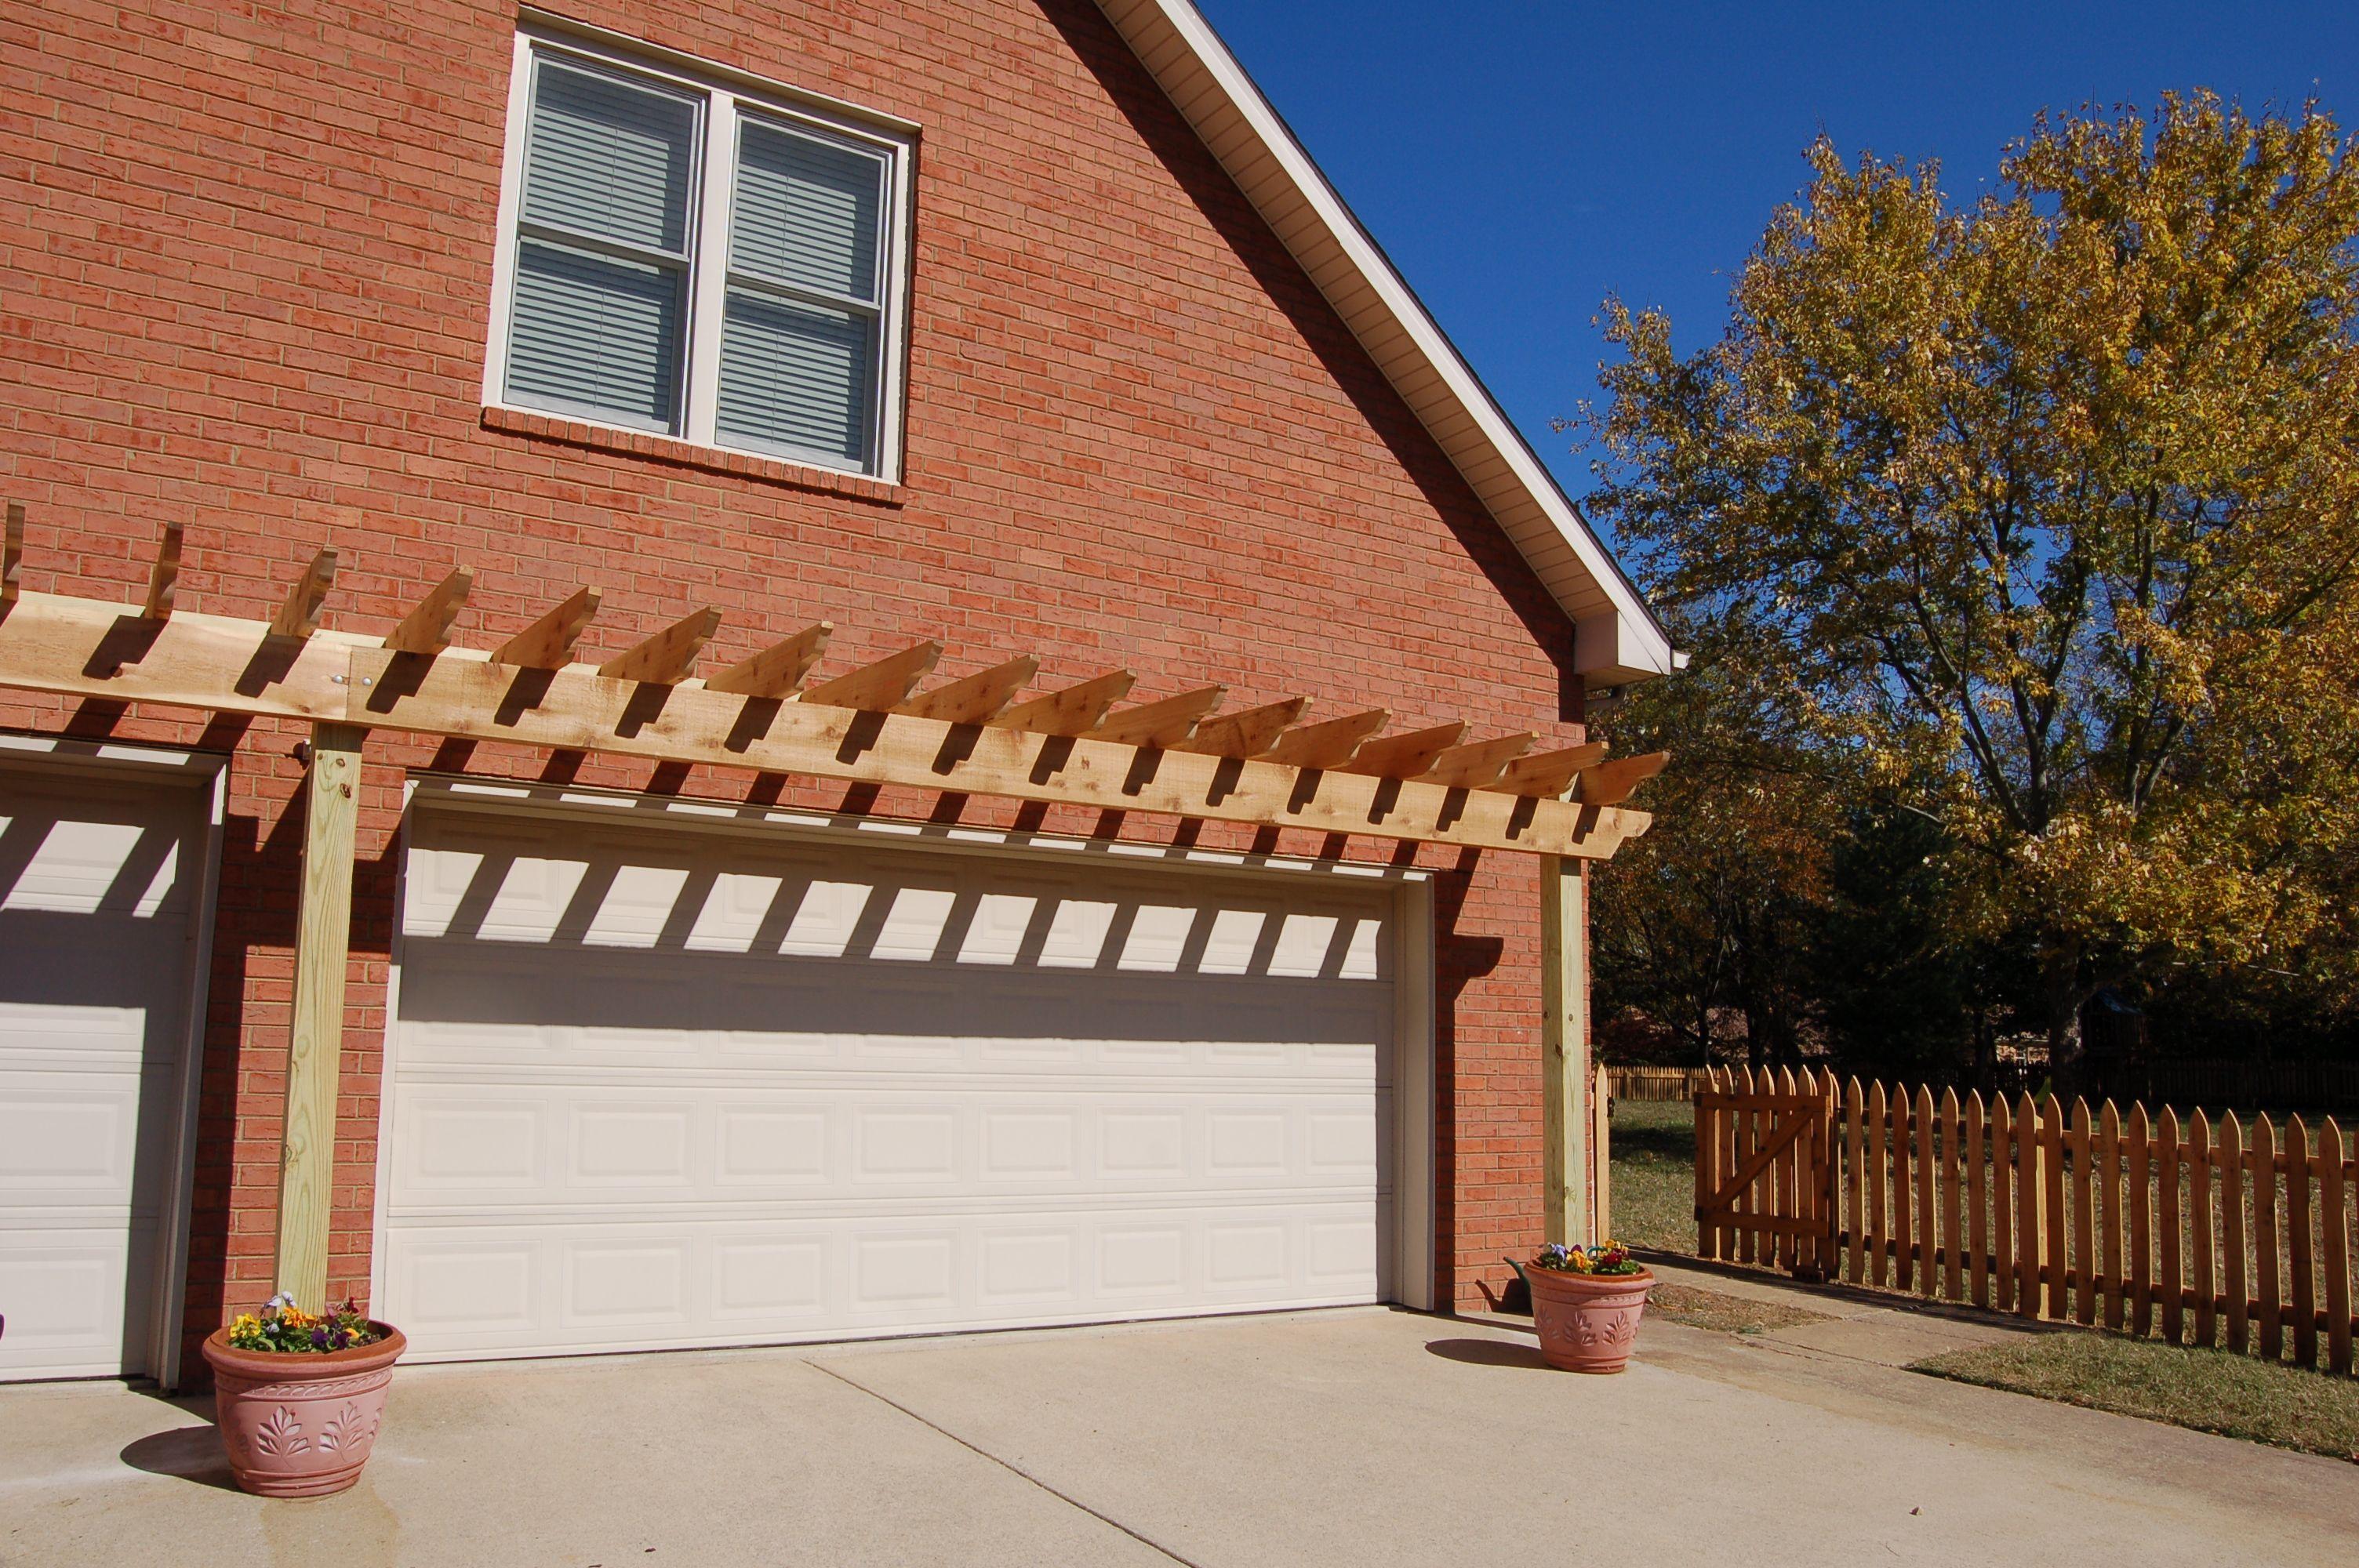 Arbor Over Garage Garage Pergola House Paint Exterior Pergola